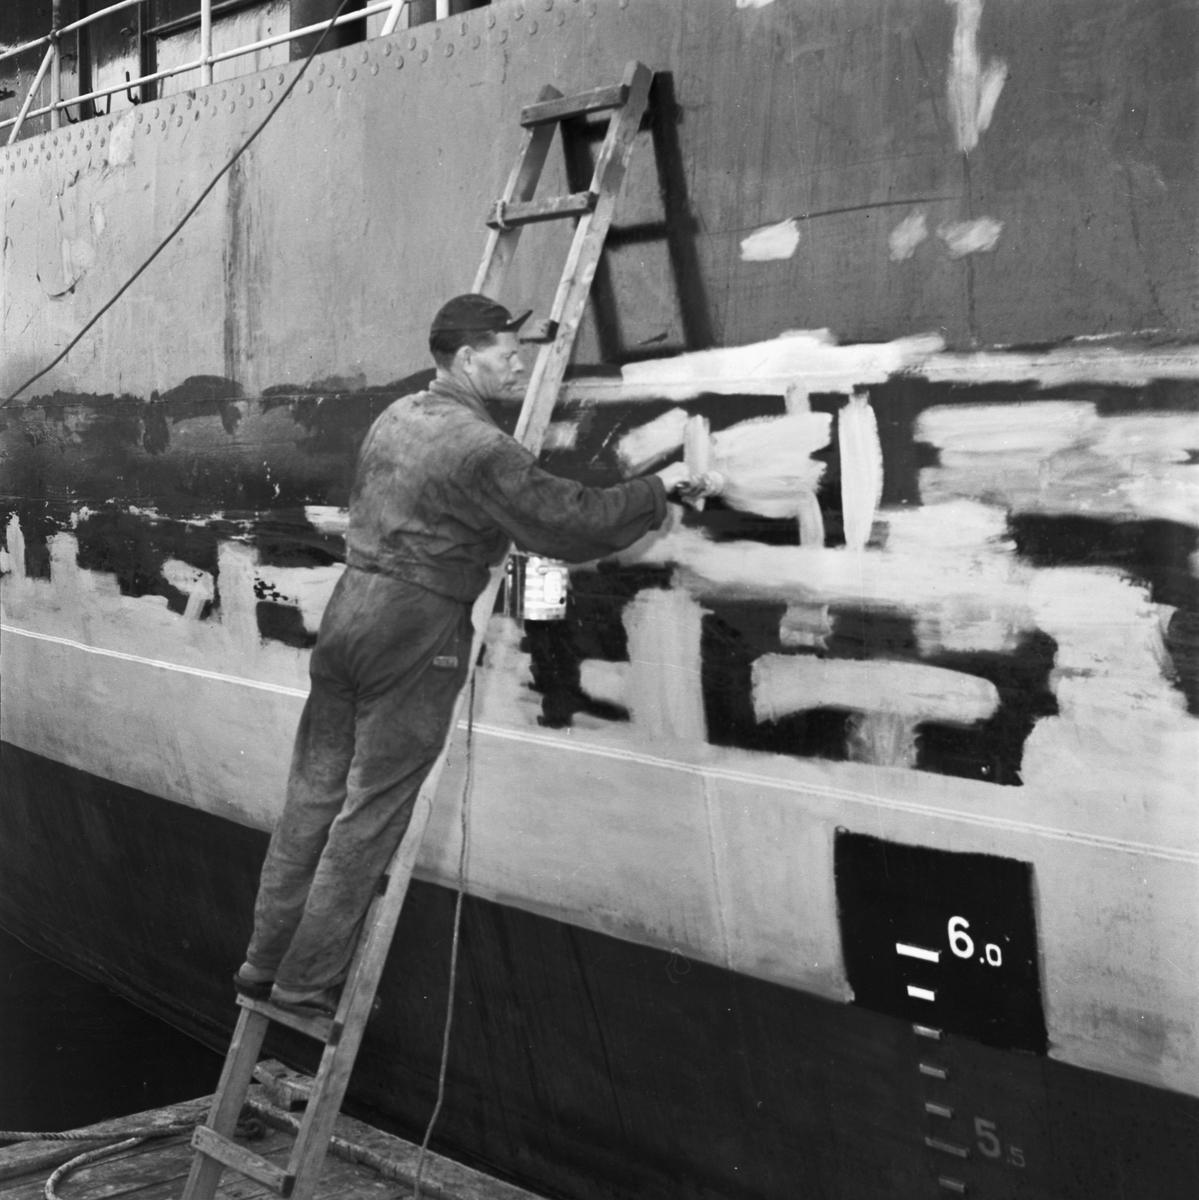 Övrigt: Foto datum: 13/8 1957 Byggnader och kranar Målare i arbete. Närmast identisk bild: V13956 och V13957, ej skannade